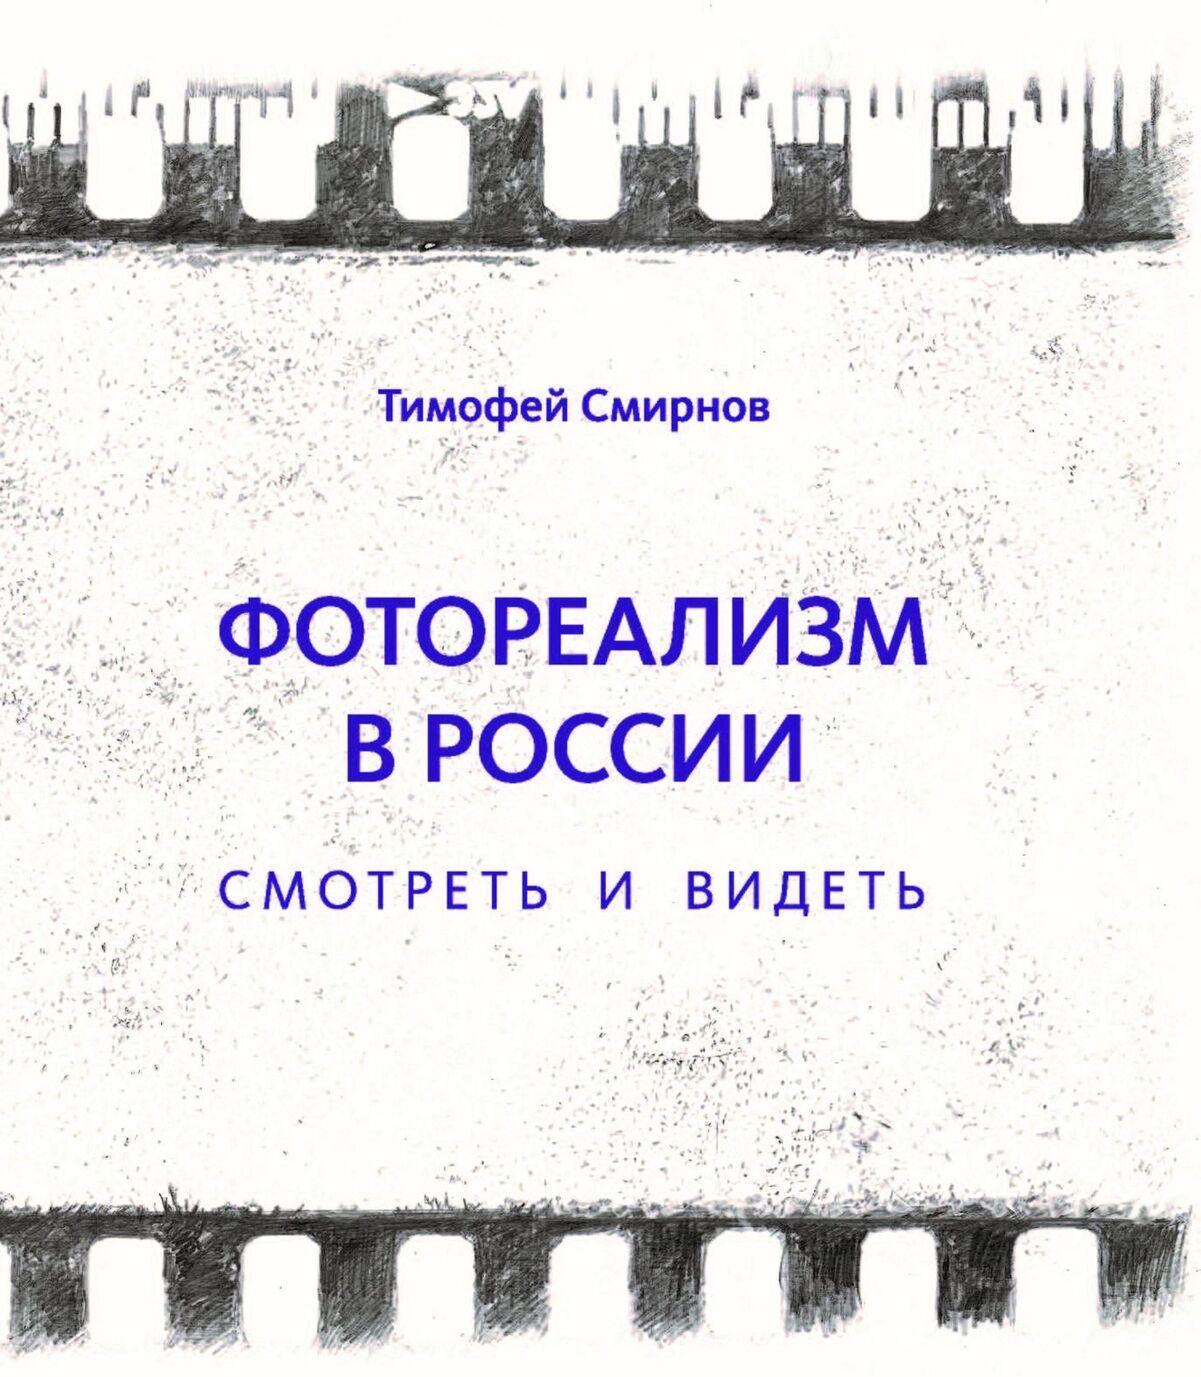 Fotorealizm v Rossii. Smotret i videt